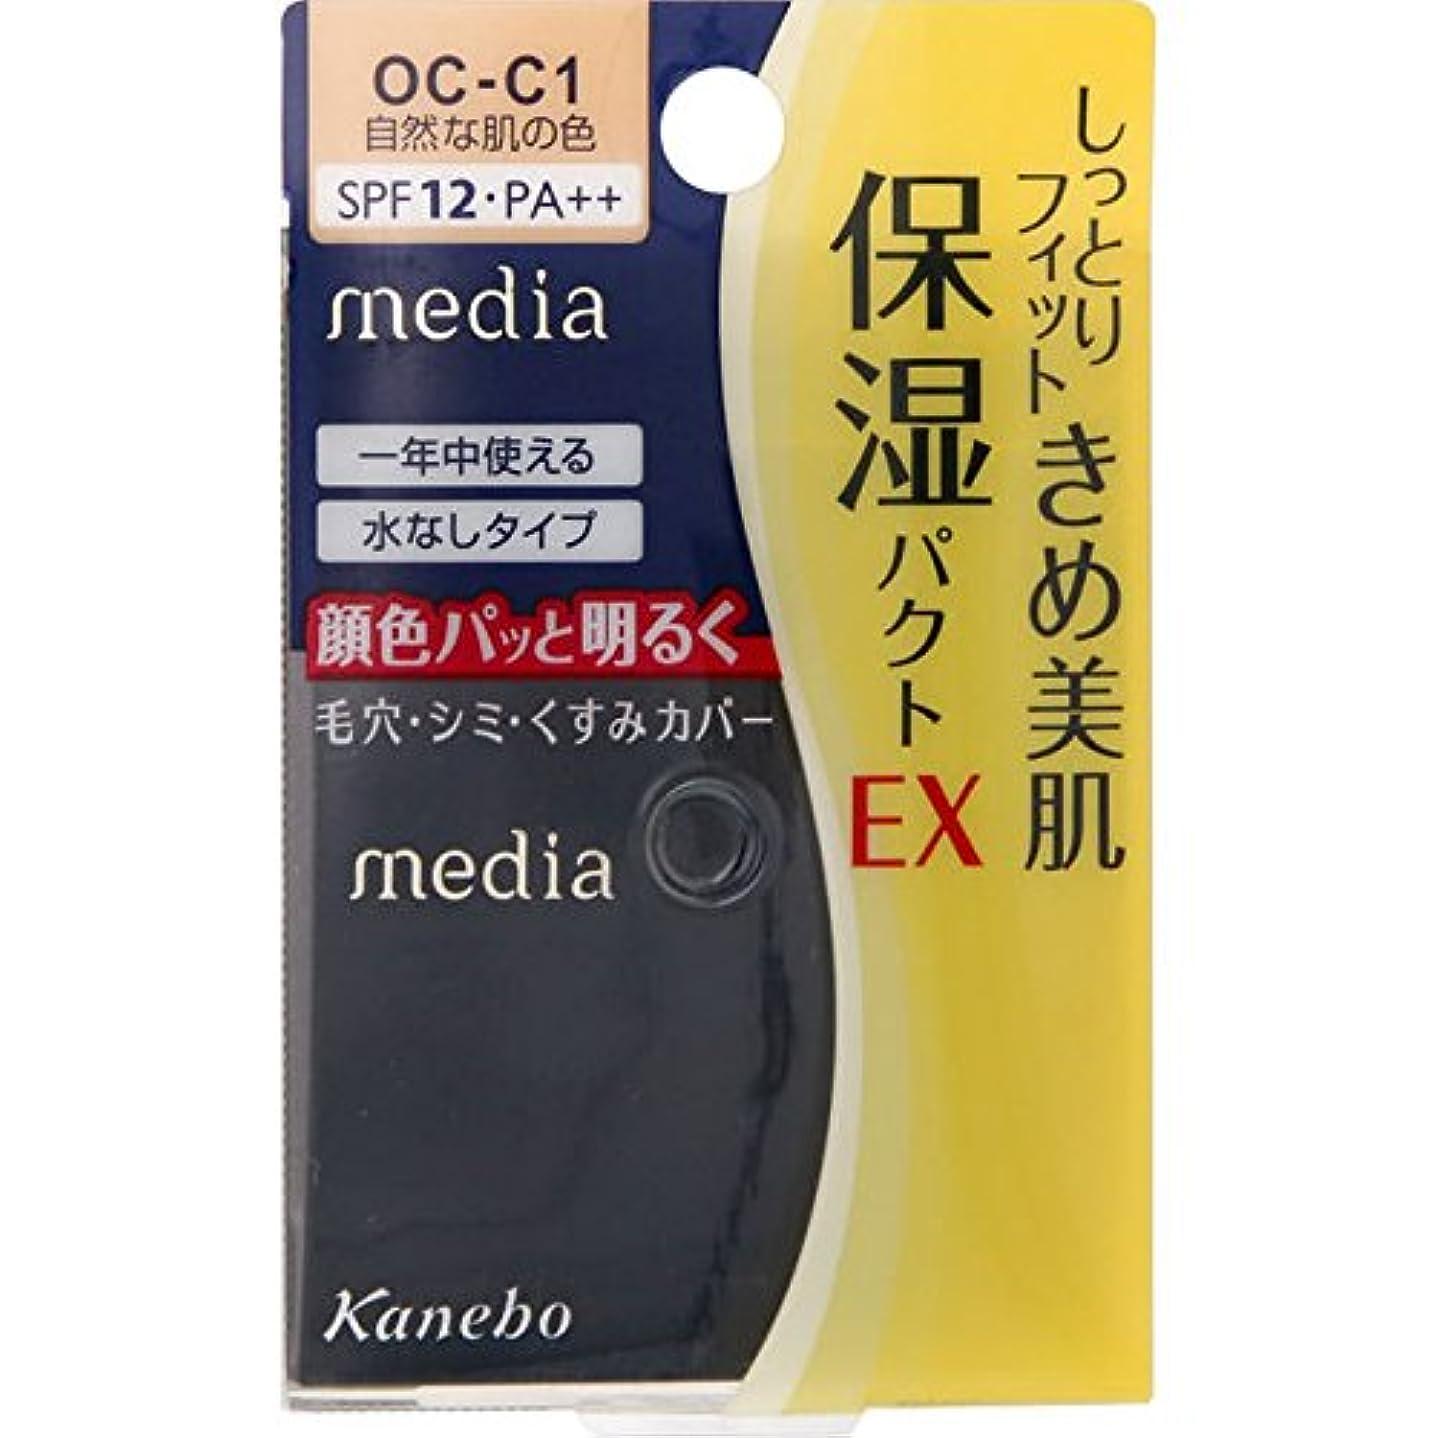 延期する調停者飢えたカネボウ メディア モイストフィットパクトEX OC-C1(11g)